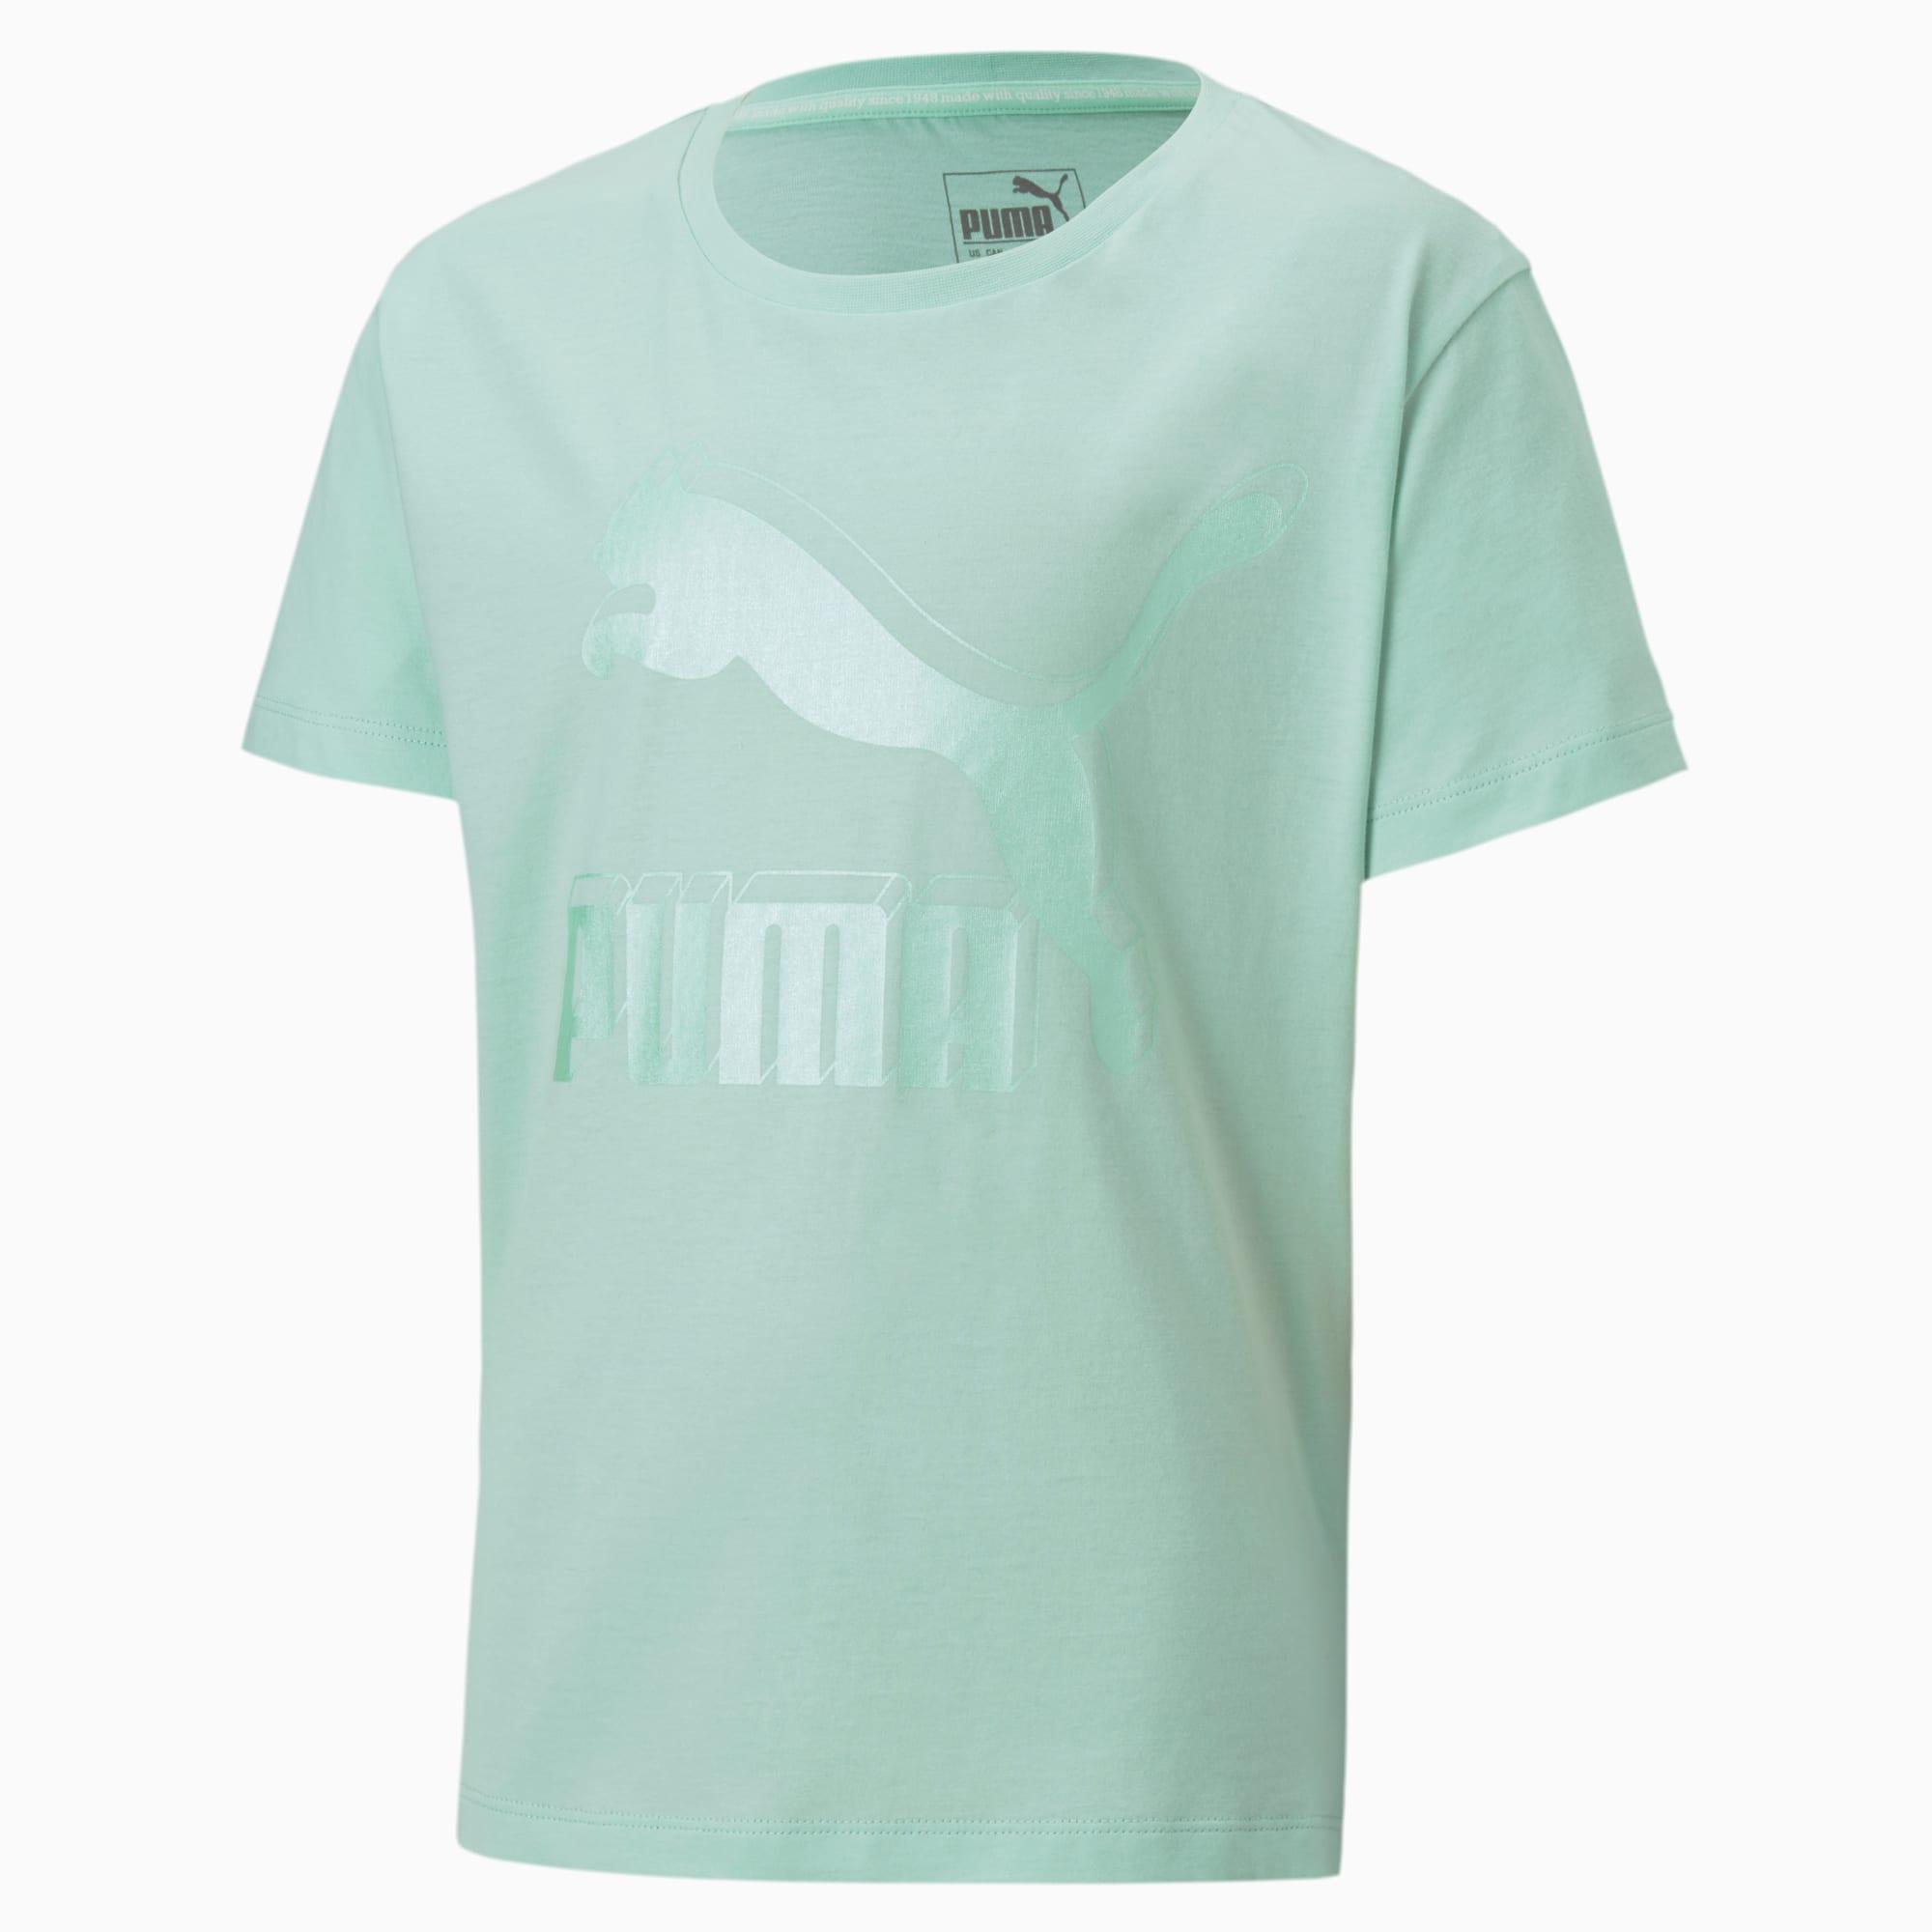 PUMA T-Shirt Classics Graphic pour fille, Vert, Taille 104, Vêtements